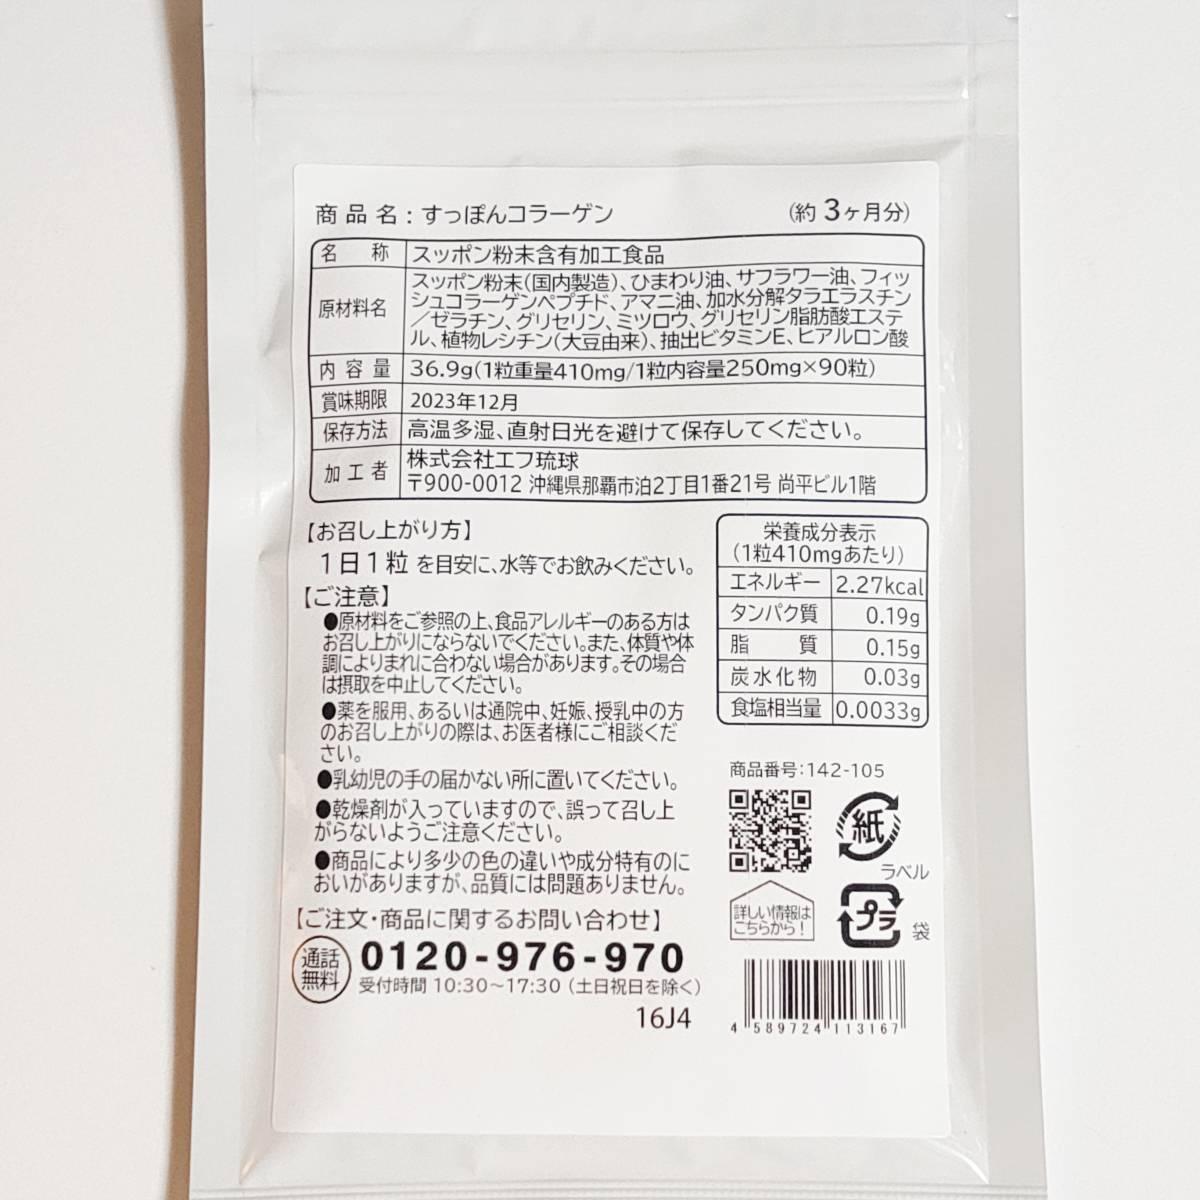 【シードコムス サプリメント】すっぽんコラーゲン 約6ヶ月分(約3ヶ月分×2袋) ヒアルロン酸 ビタミン ミネラル サプリ 健康食品 送料無料_画像2